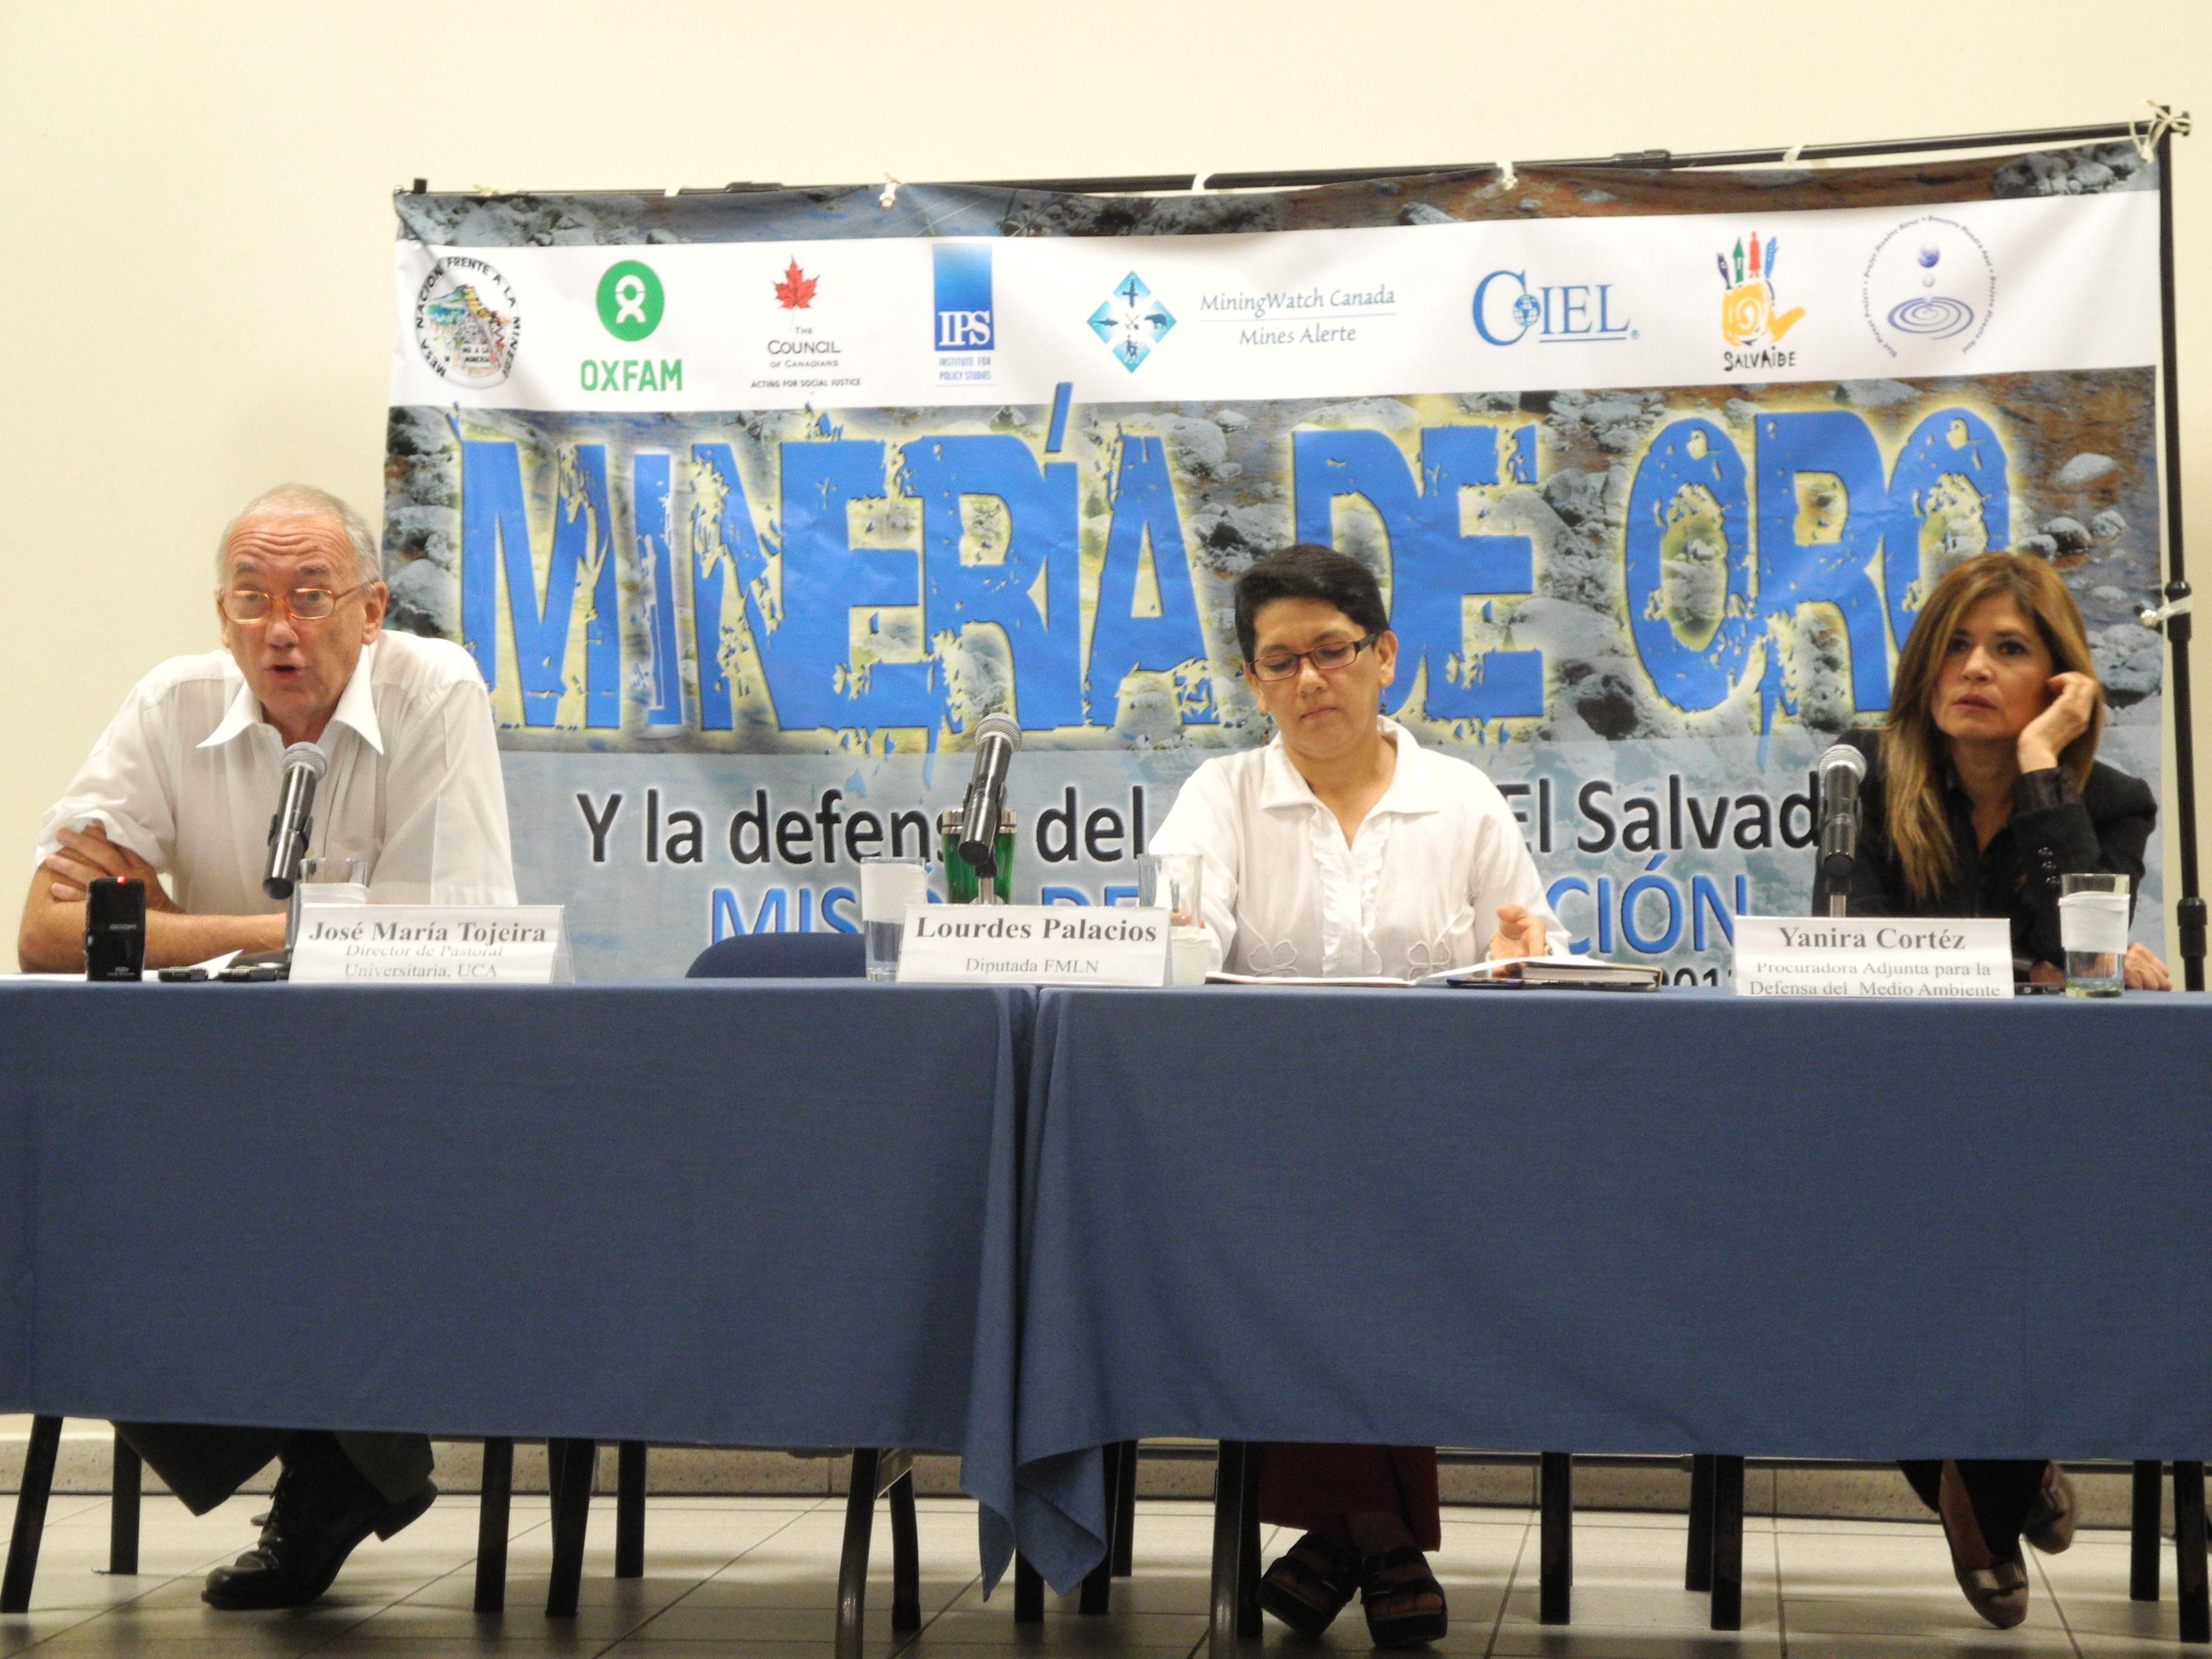 International Delegation to El Salvador, May 10-13, 2013